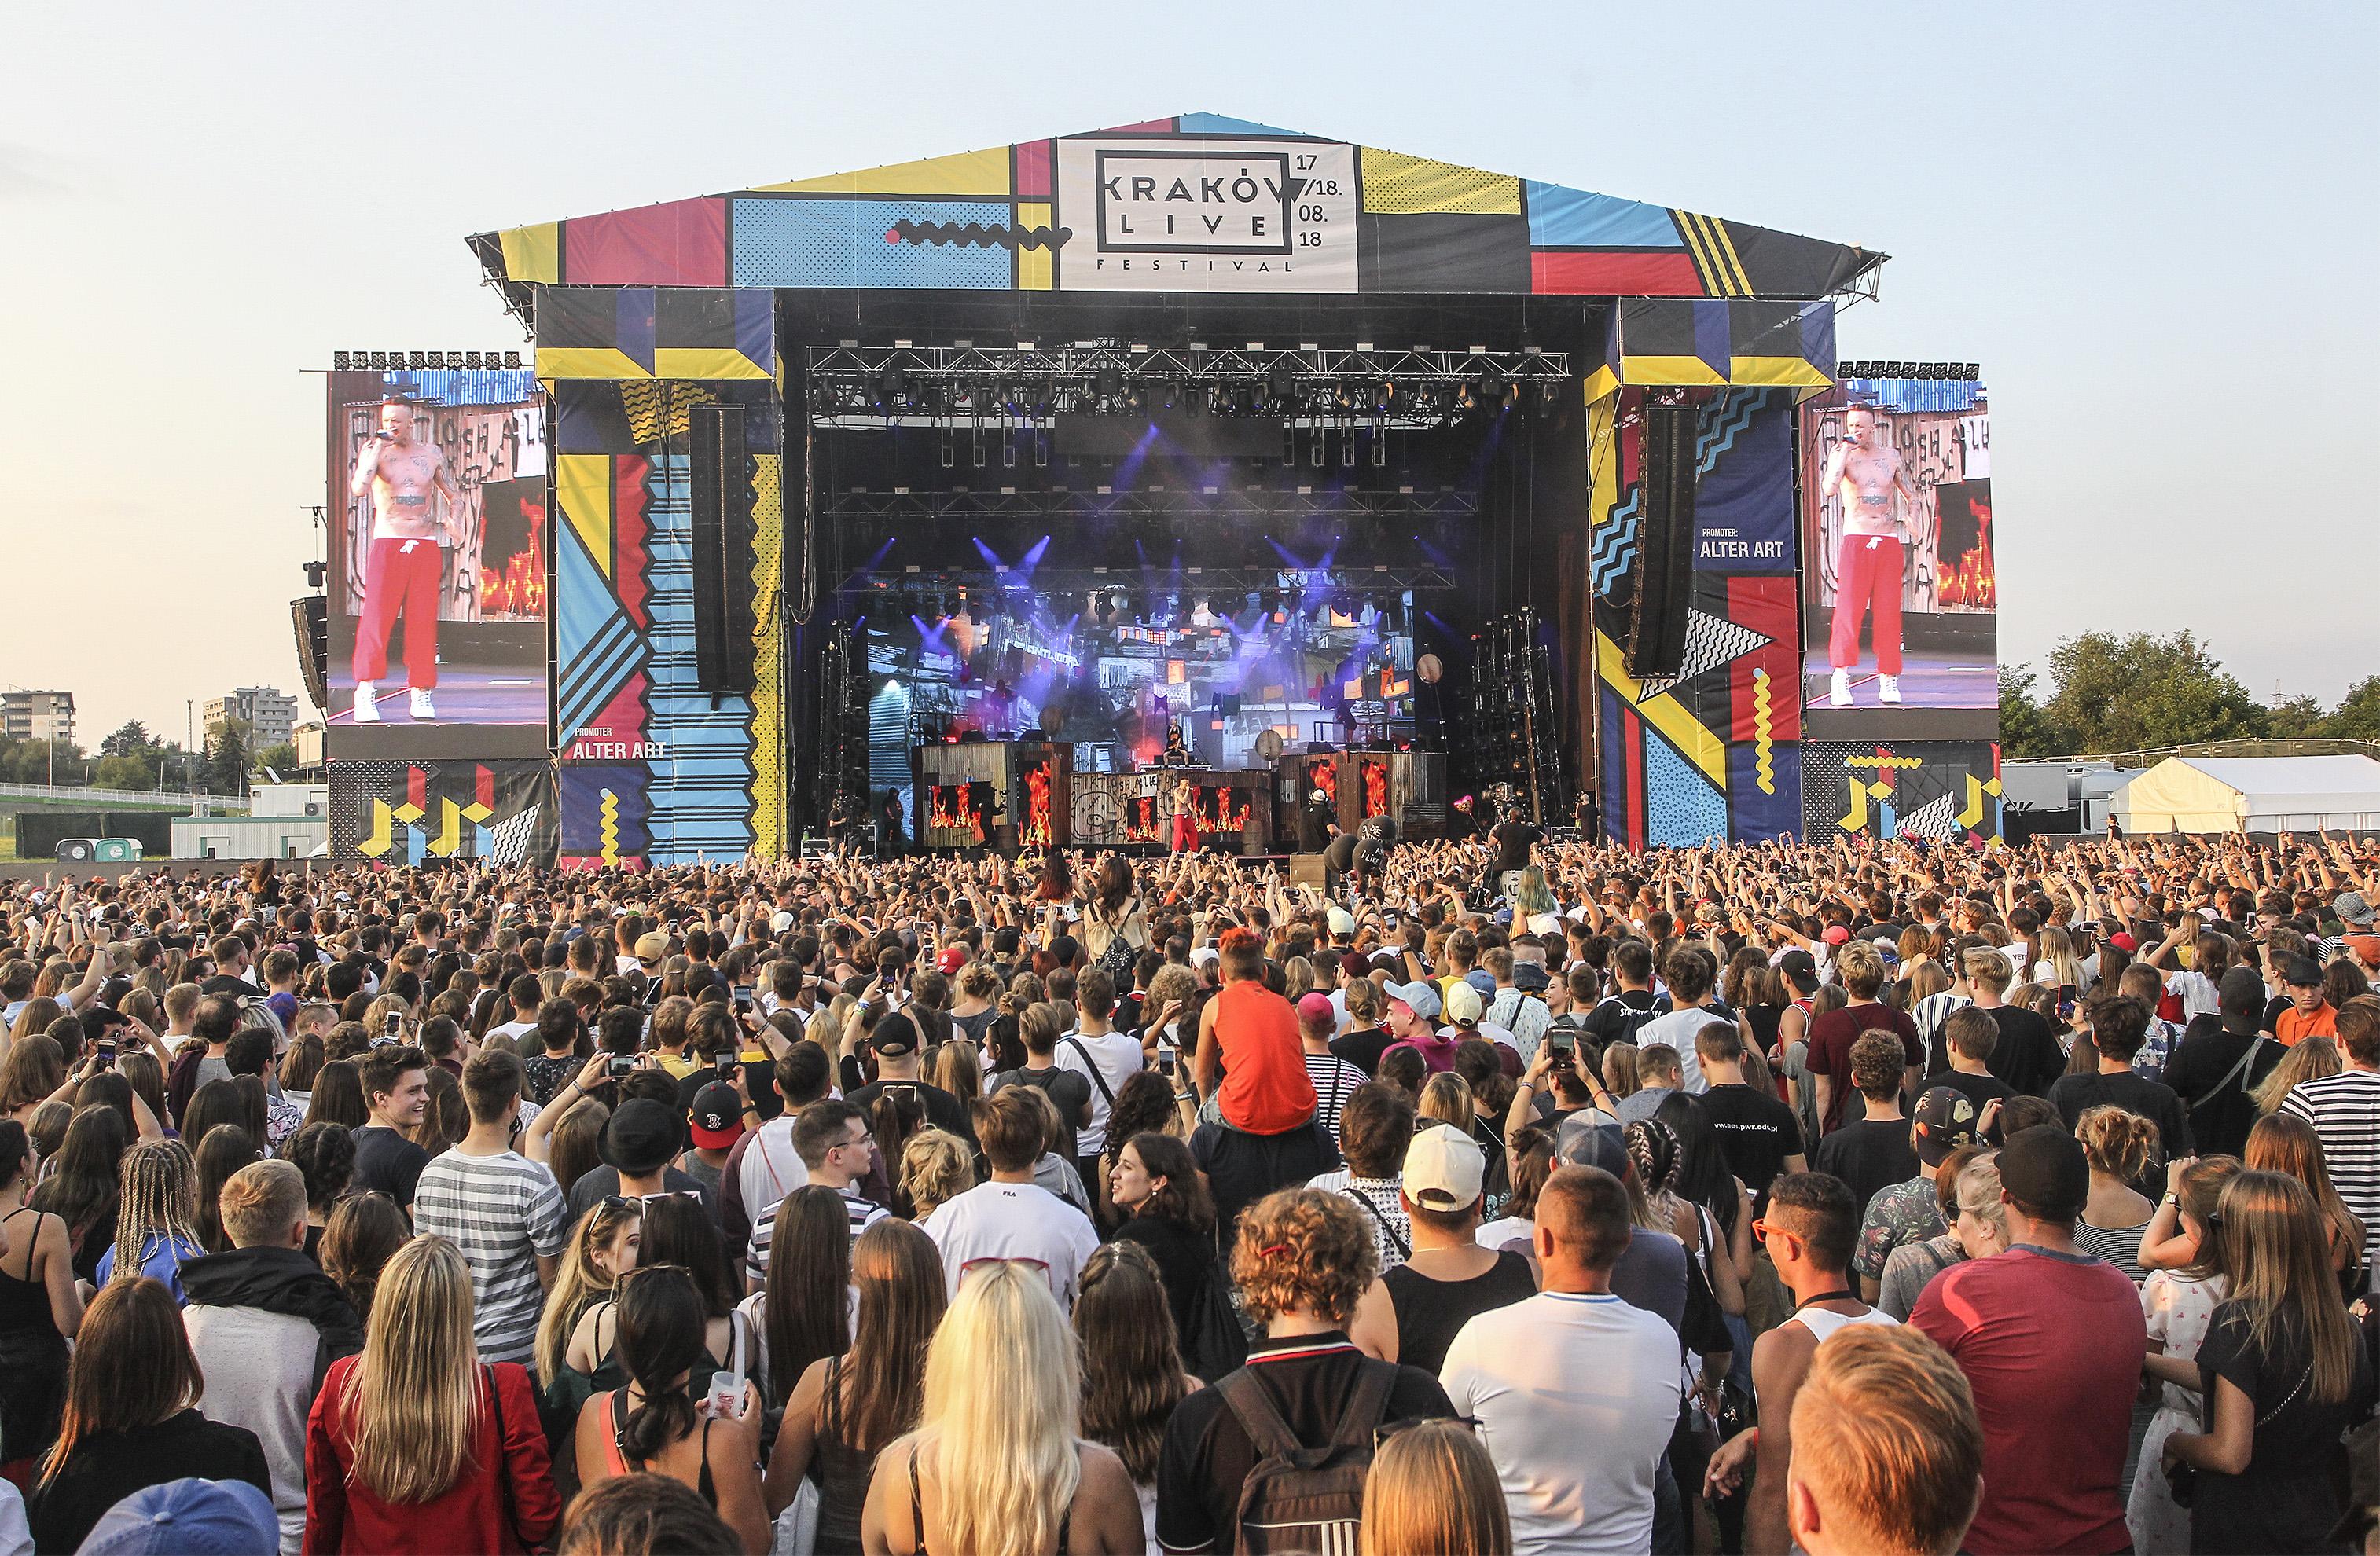 Krakow-Live-Festival_8.jpg